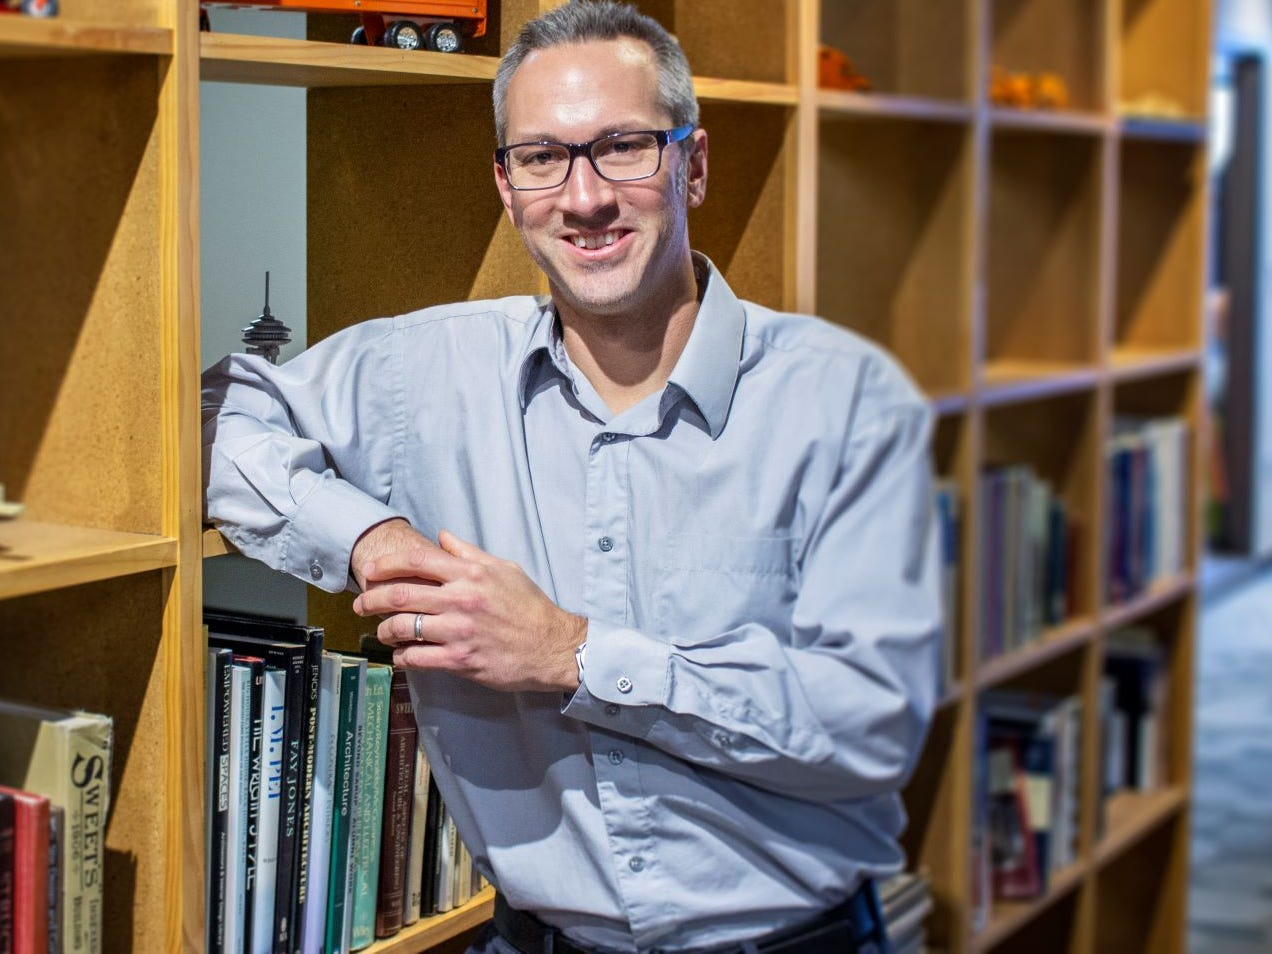 Tim Schuettpelz